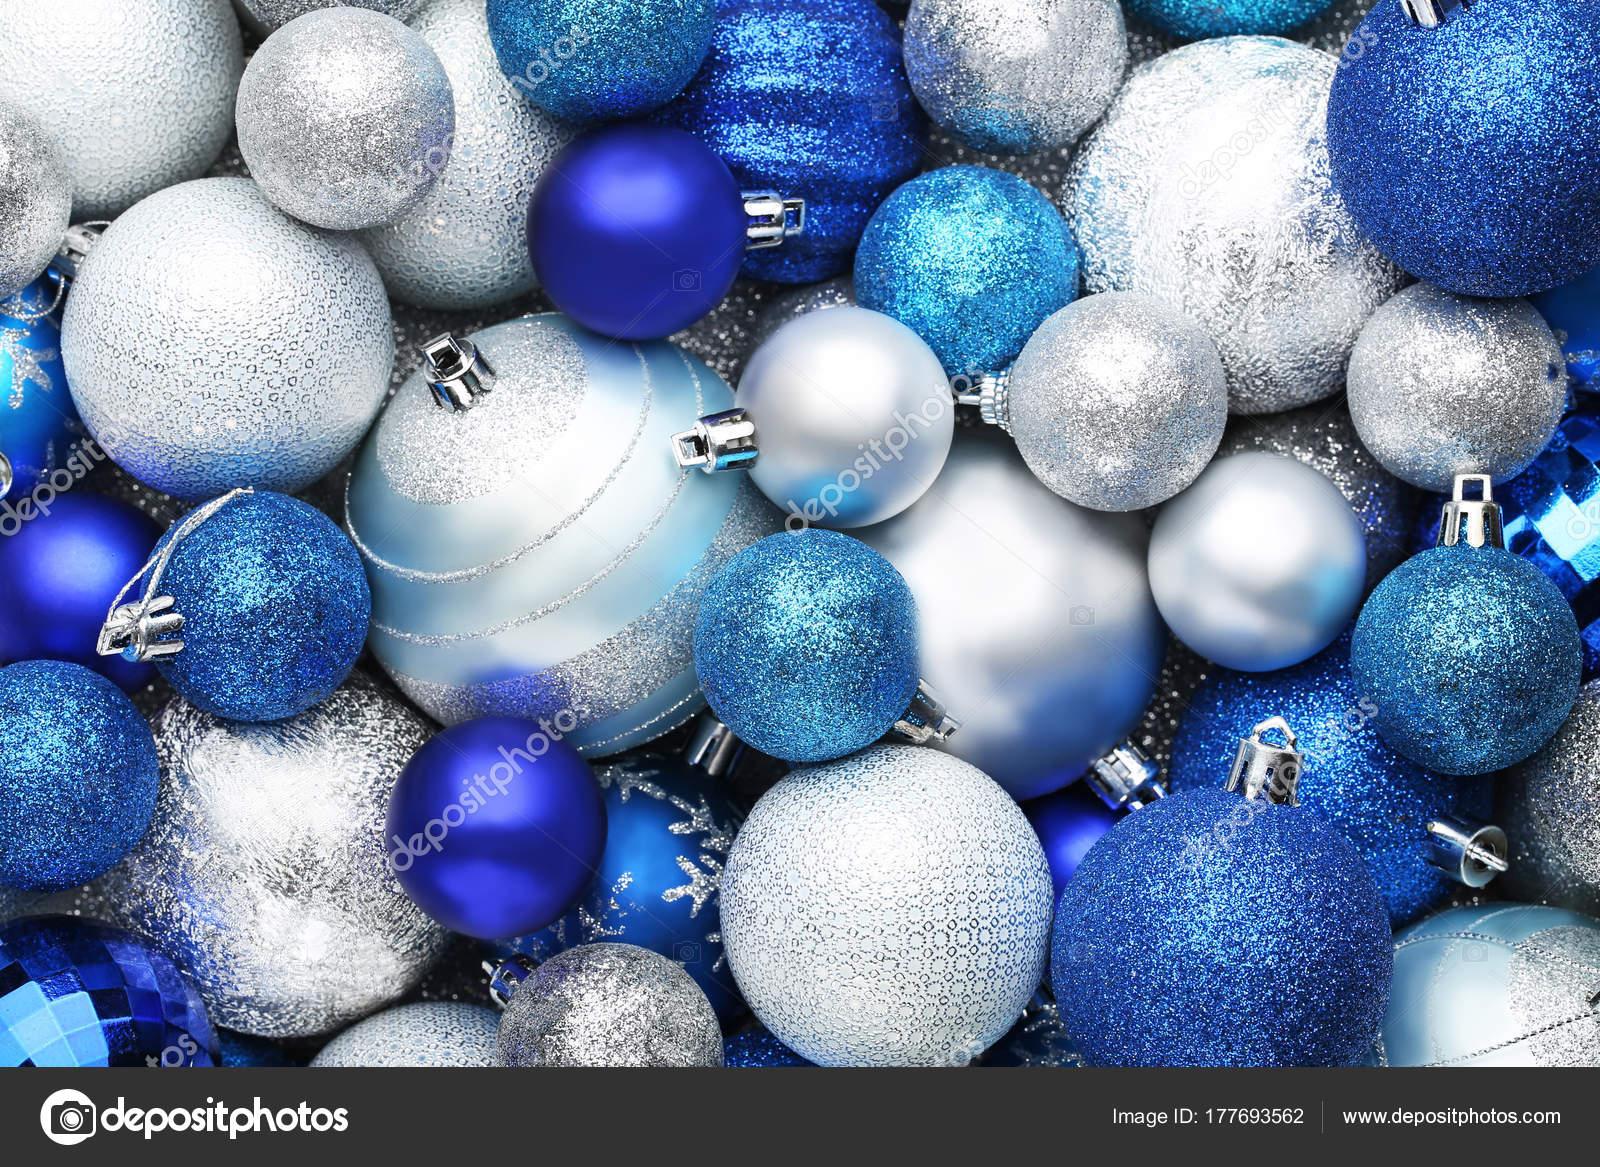 Weihnachtskugeln Blau.Blau Und Silber Weihnachtskugeln Hintergrund Stockfoto 5seconds